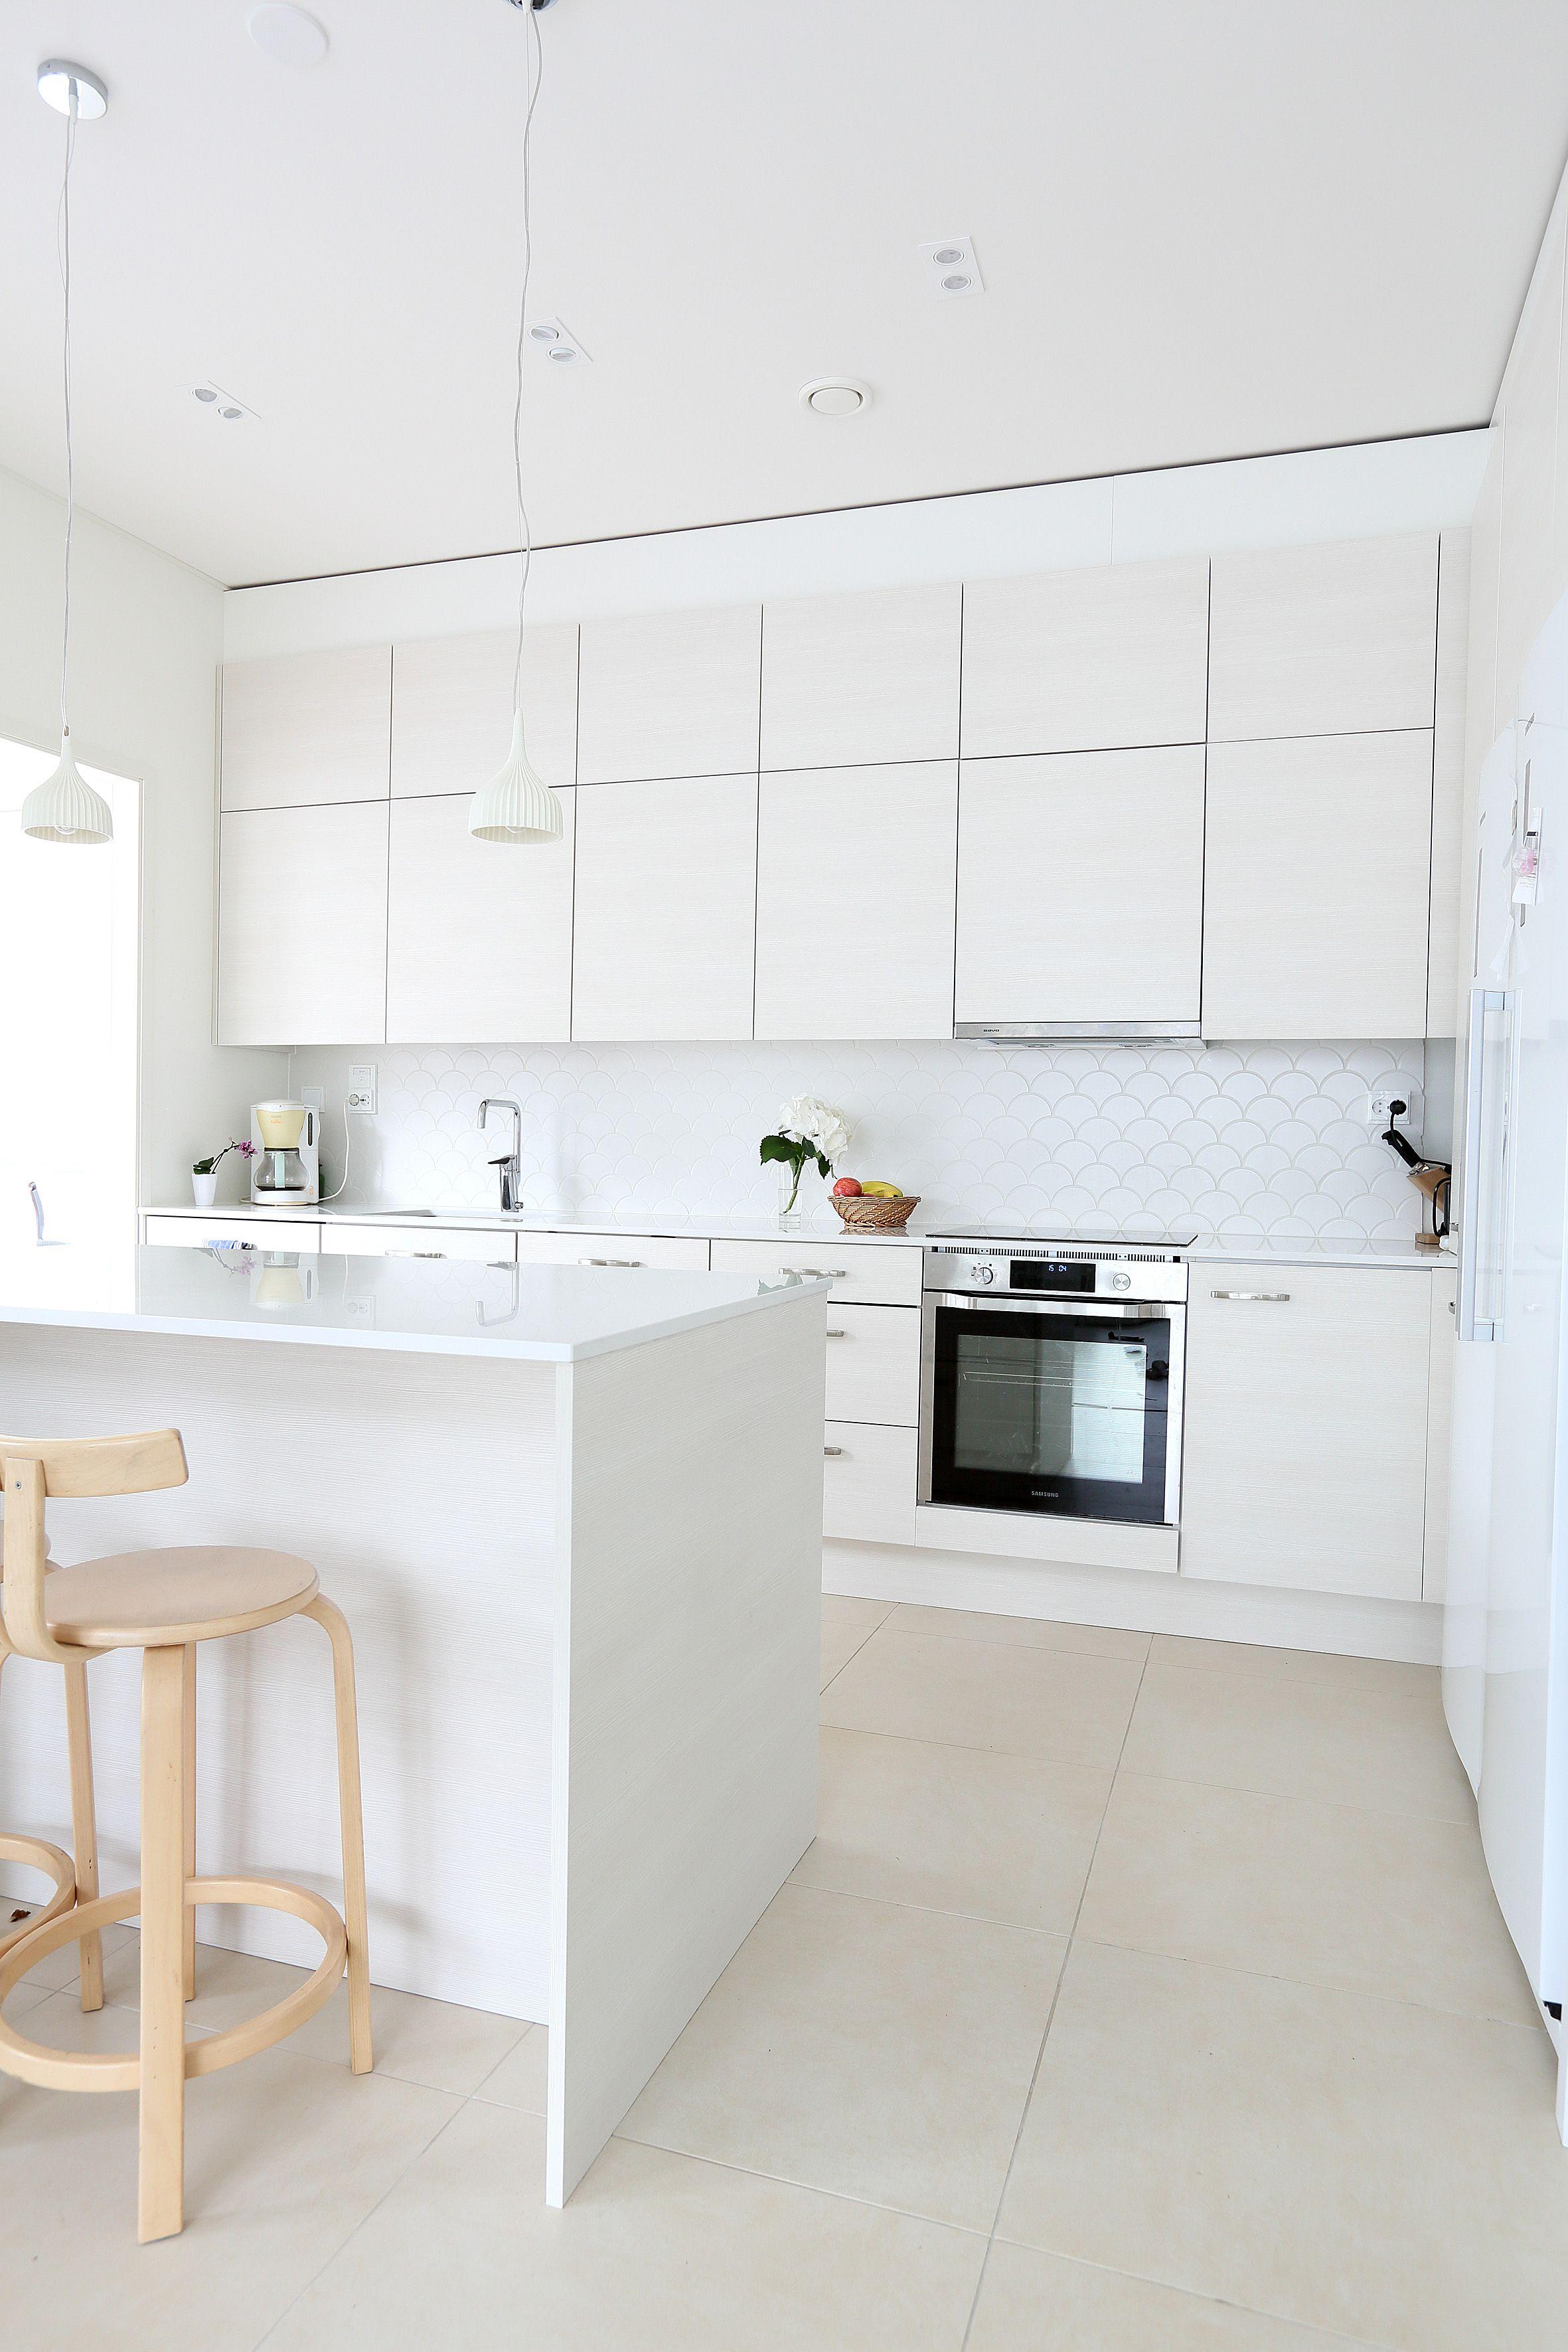 valkoinen välitila ja beige lattia Laatat ABL Laatat #keittiö #laatat #ablla